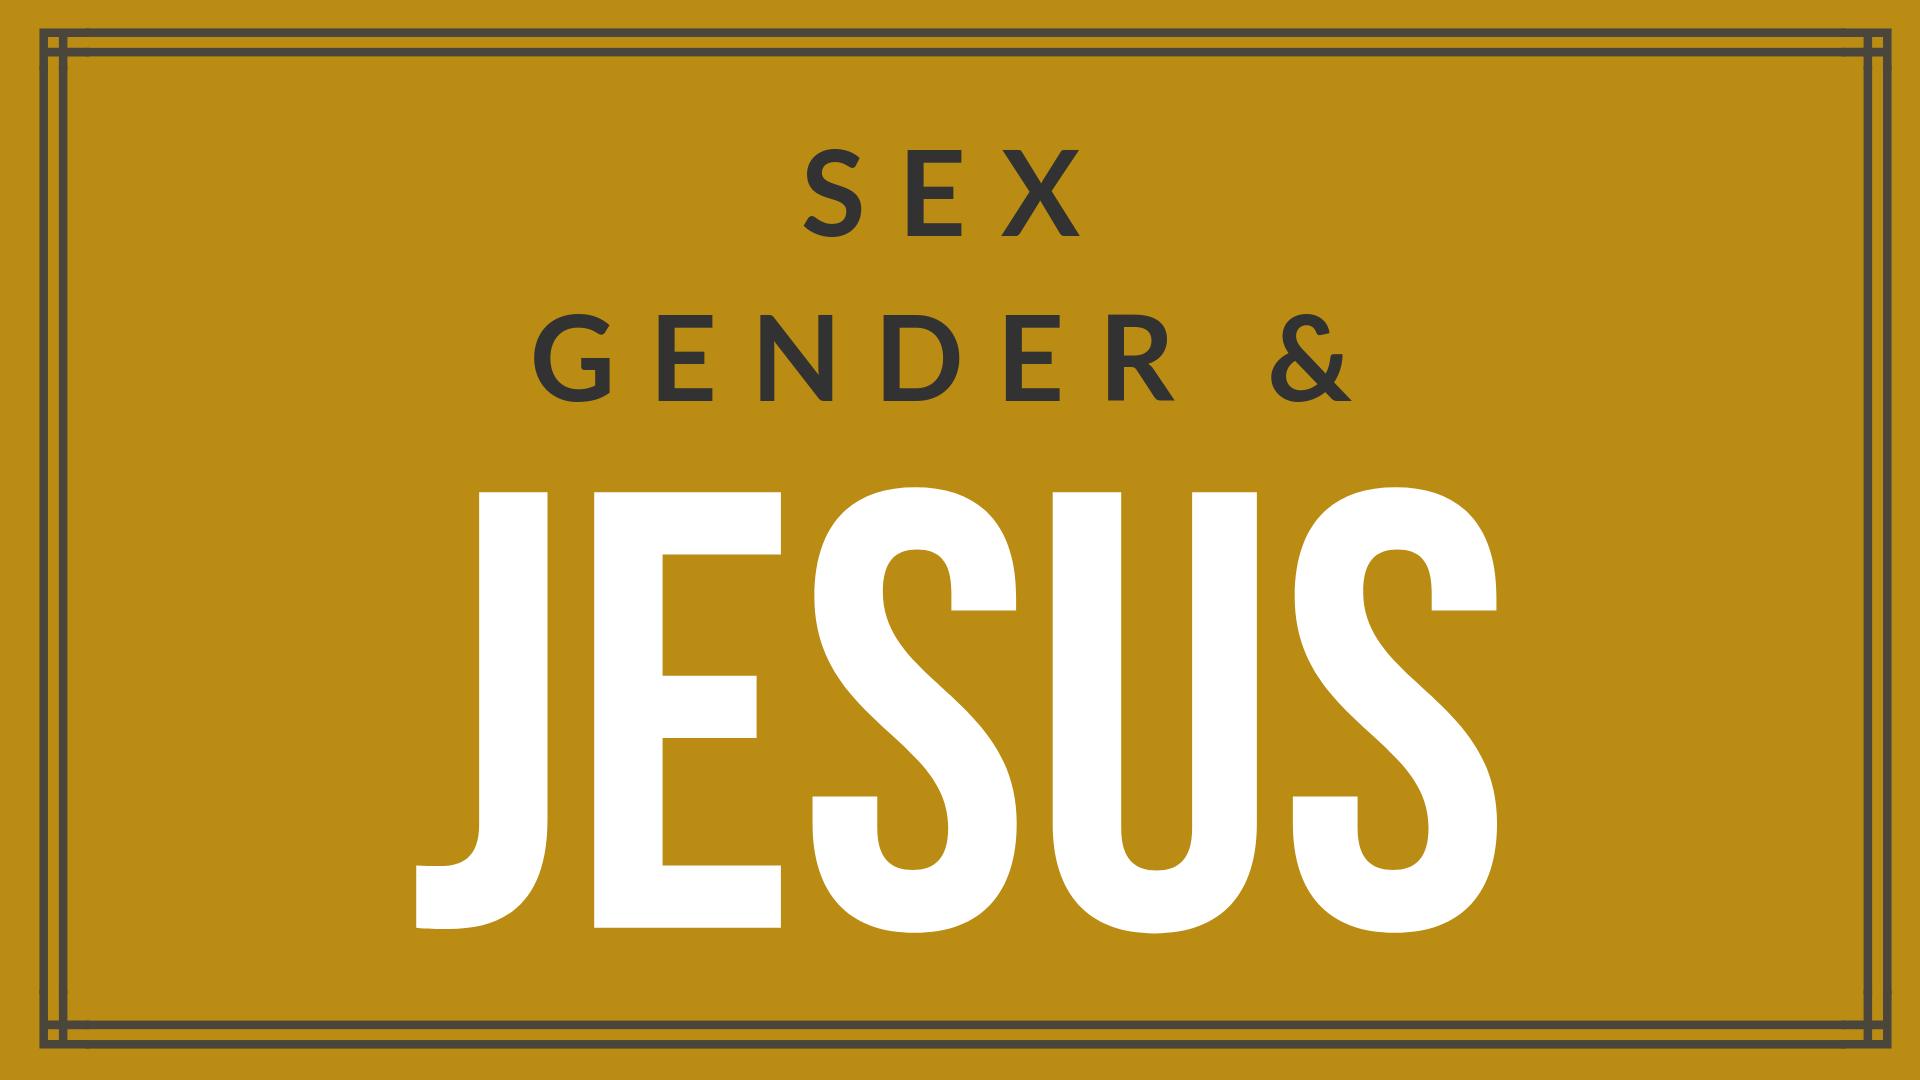 For loop, Sex Gender Jesus Promo.png